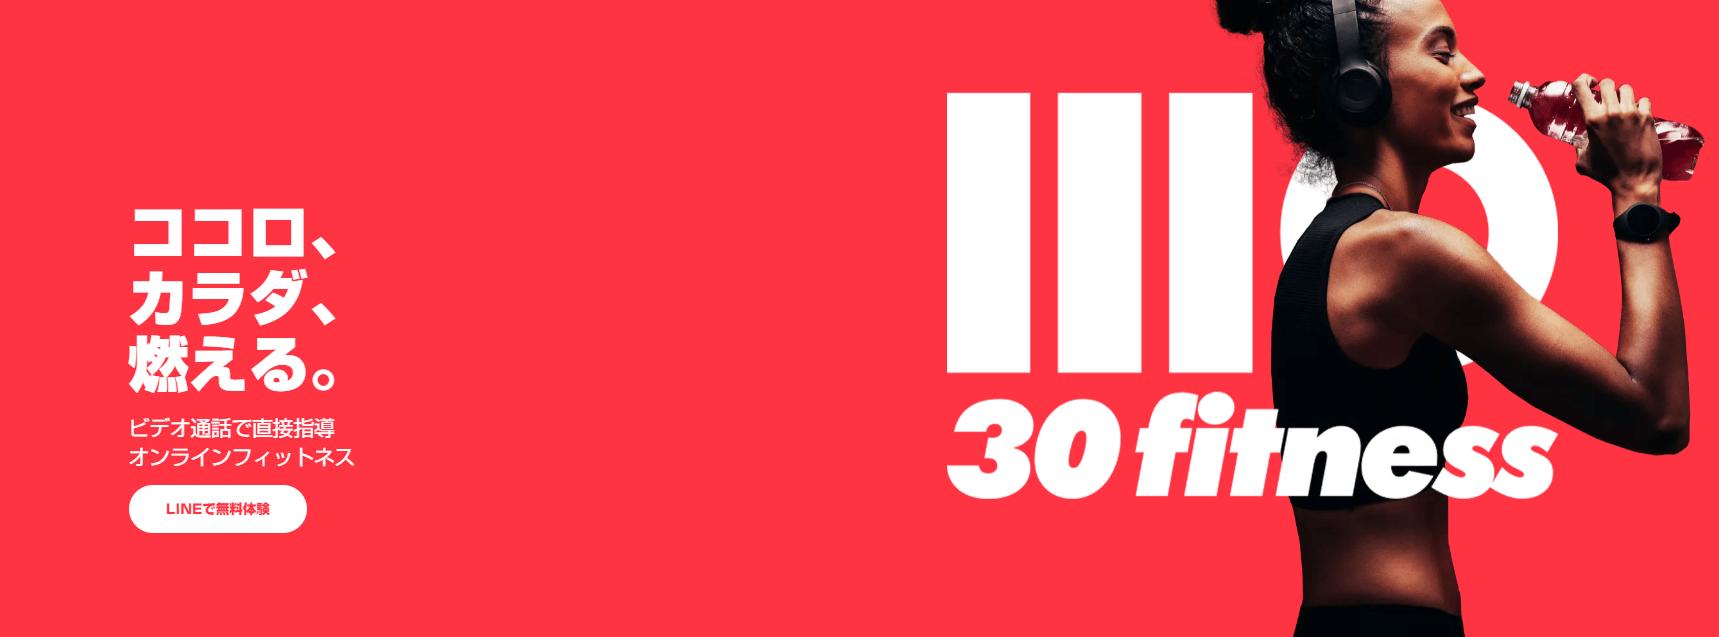 30fitness(サーティフィット)